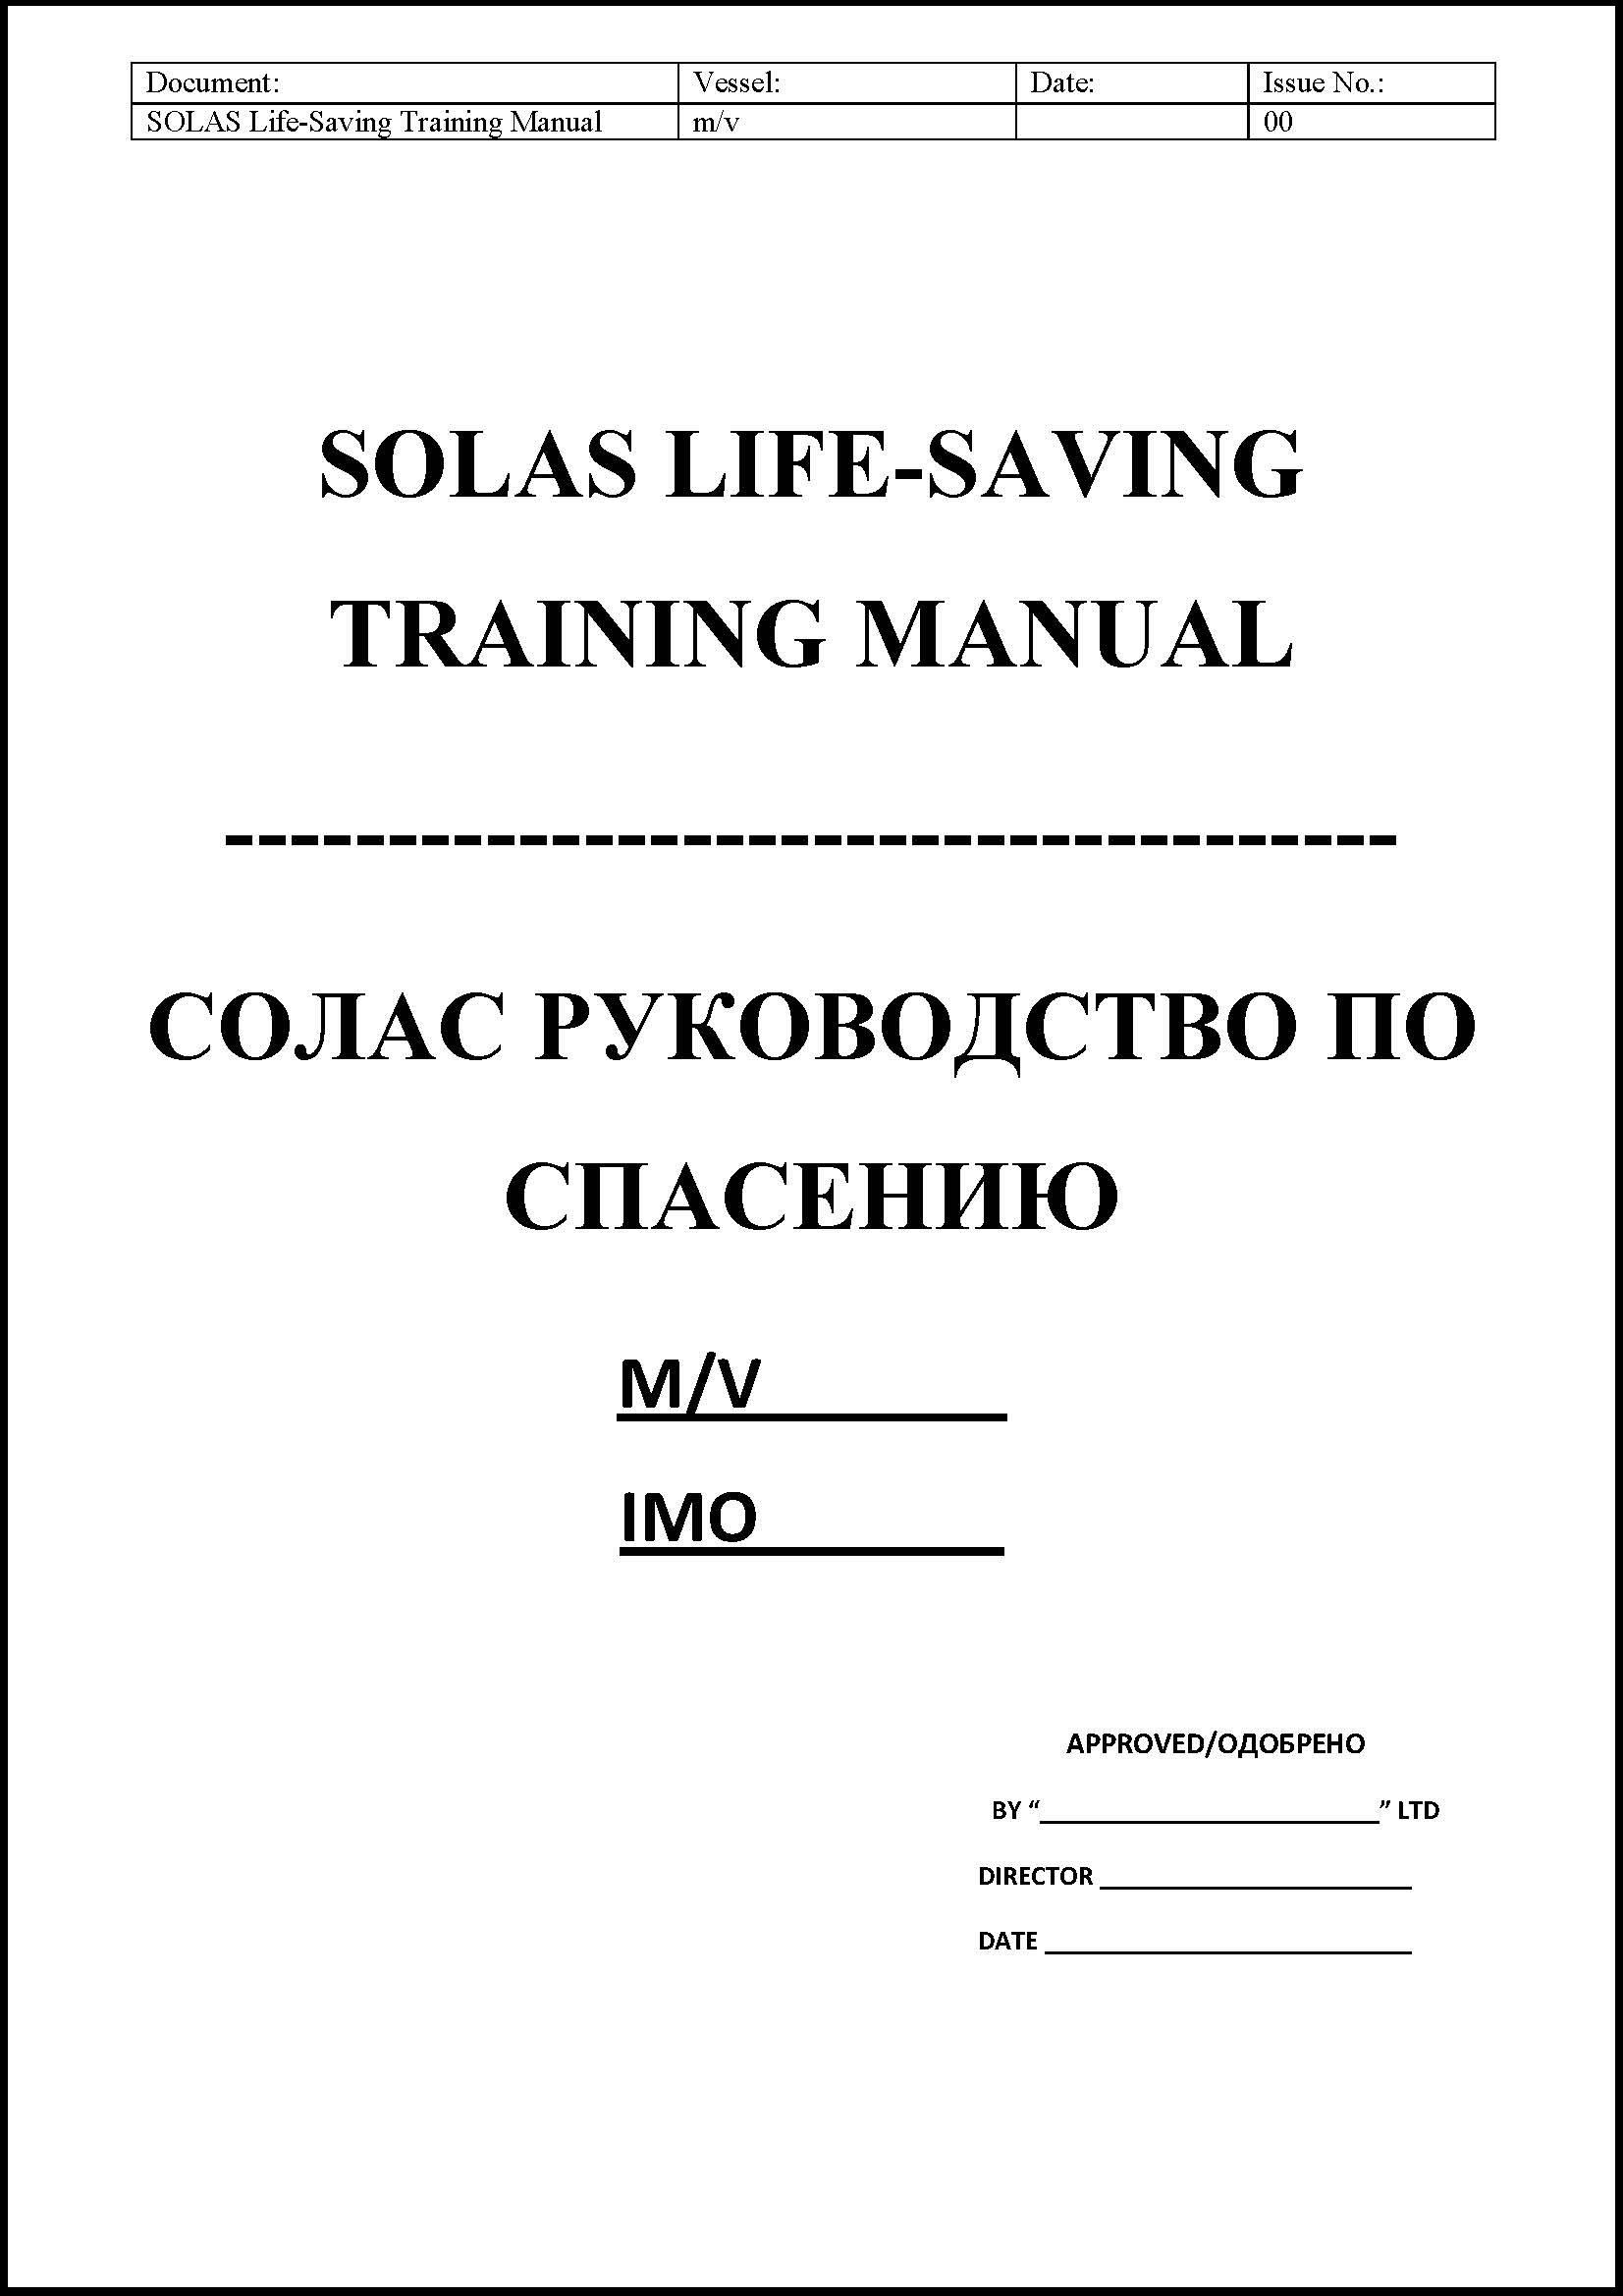 SOLAS TRAINING MANUAL — MSM